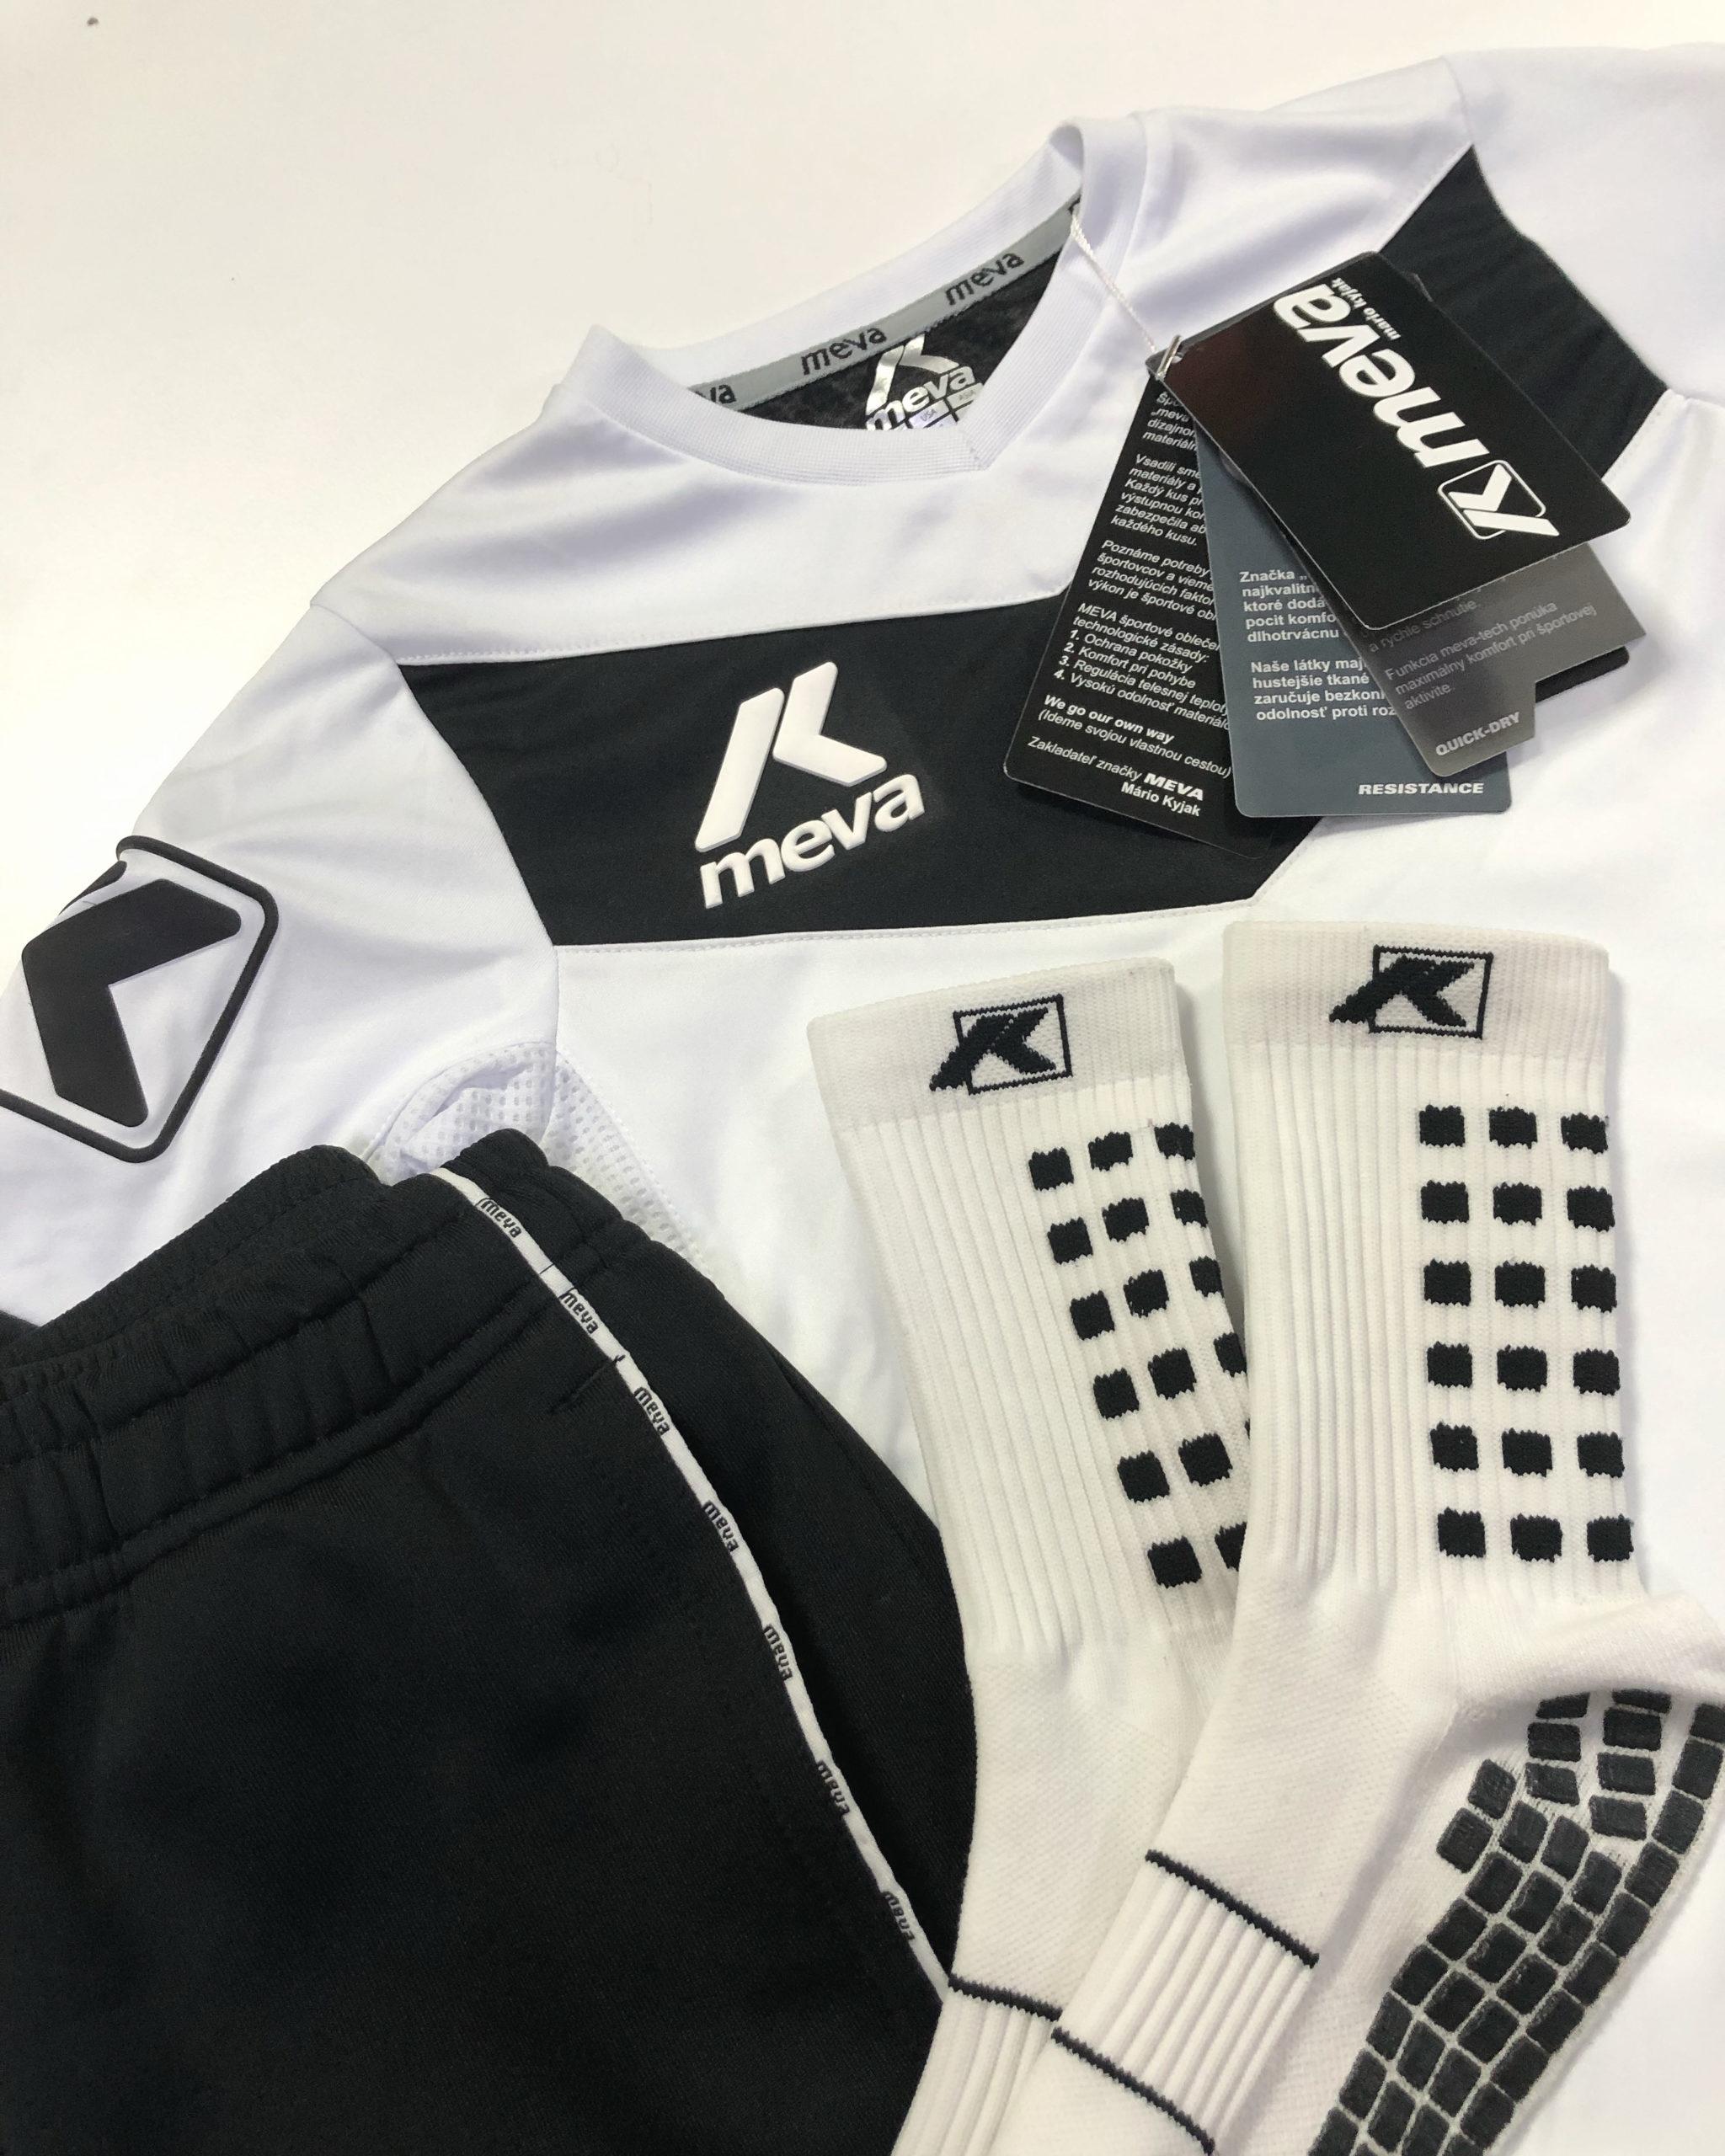 Je dôležitý správny výber športového oblečenia? V čom spočíva funkčnosť oblečenia značky Meva?